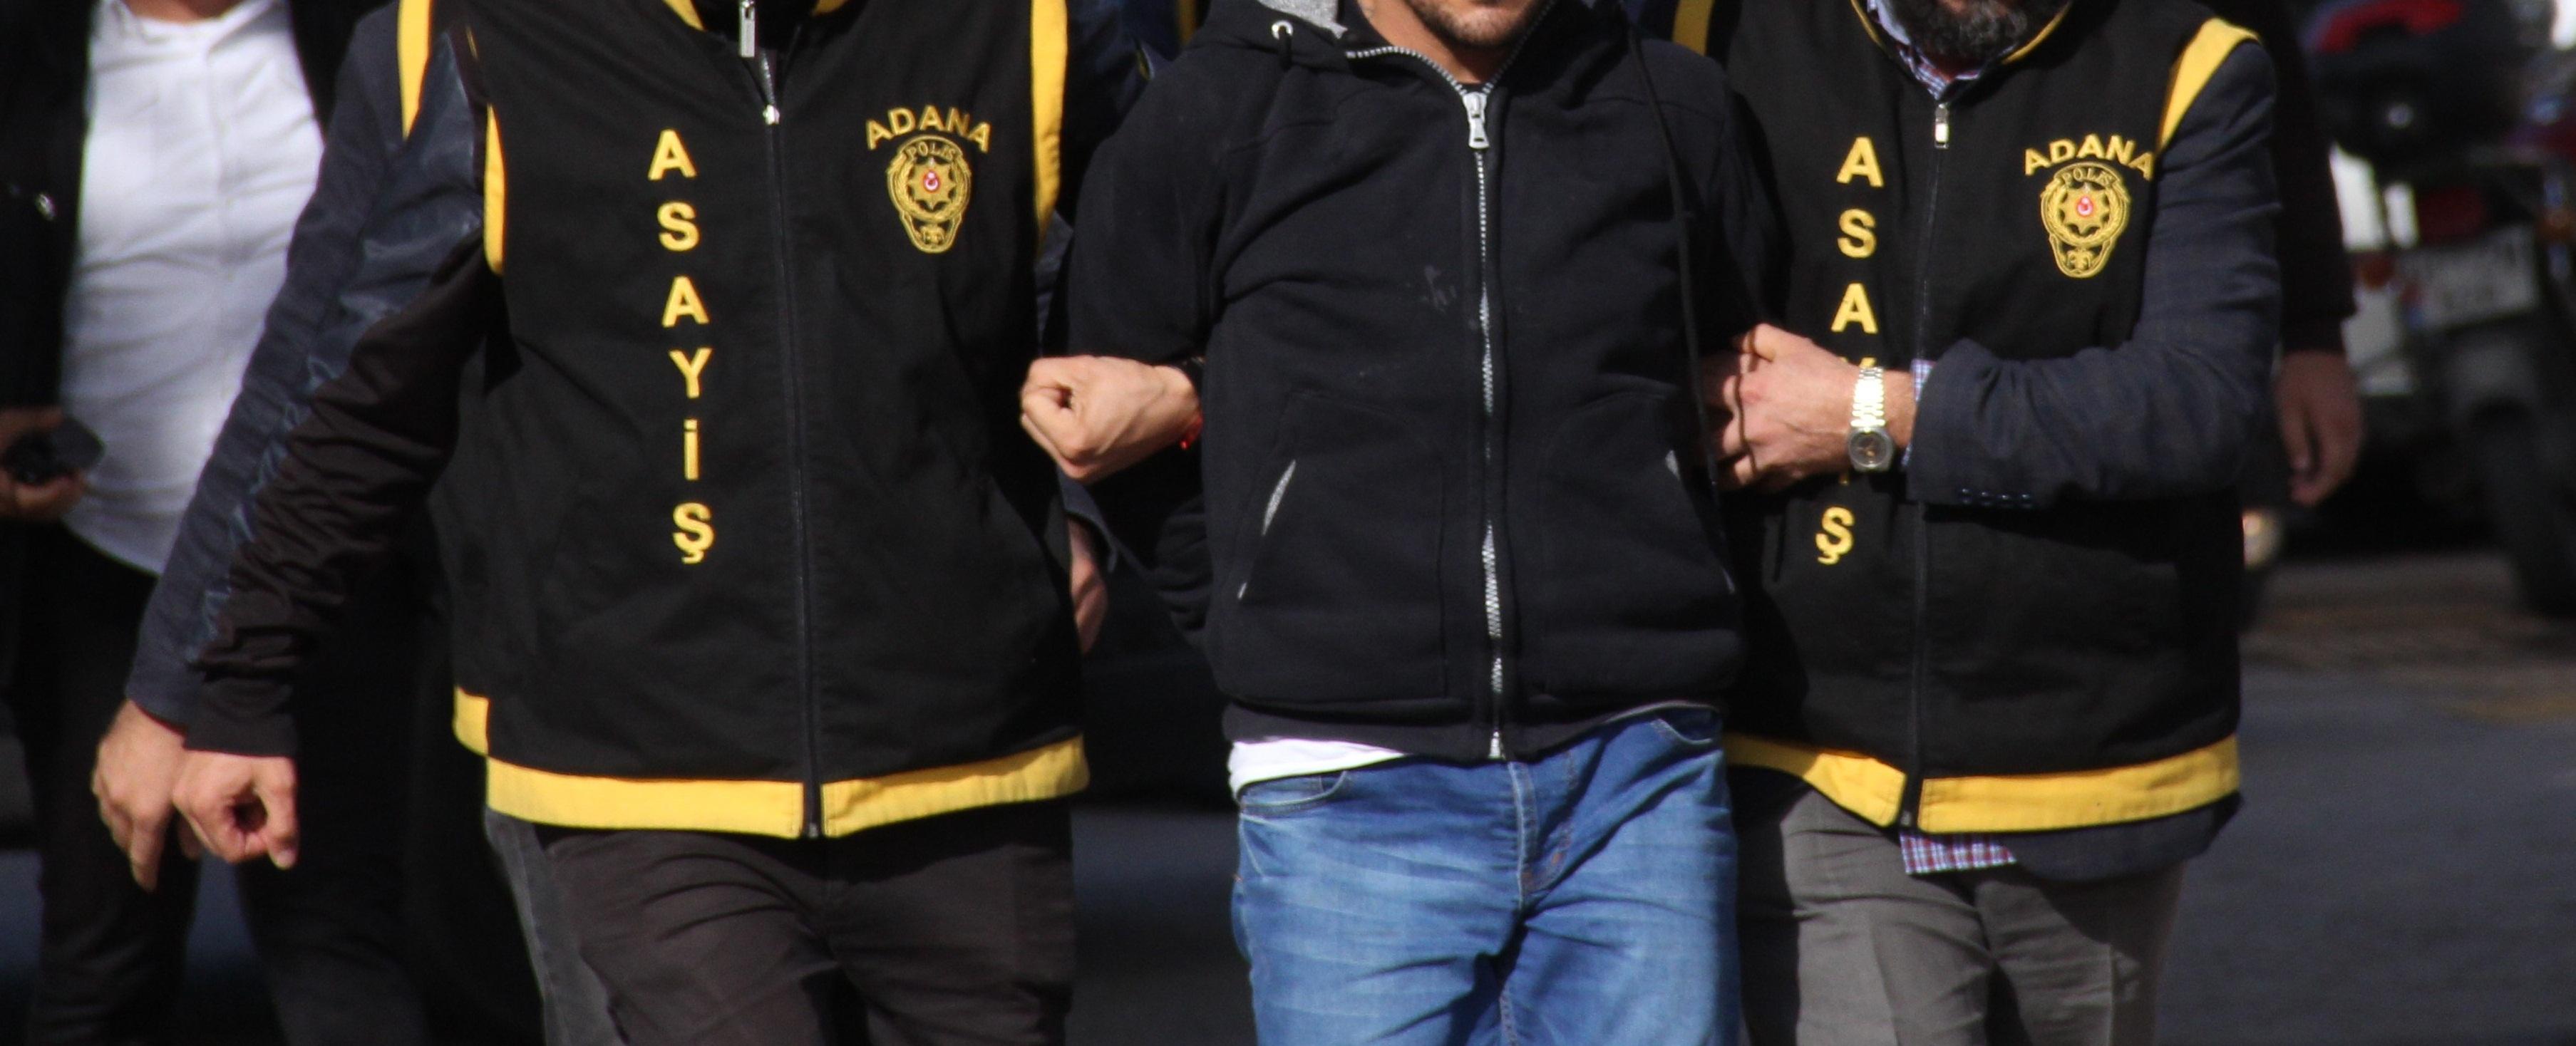 Kaçak Şahıslar Yakalandı Cezaevine Teslim Edildi